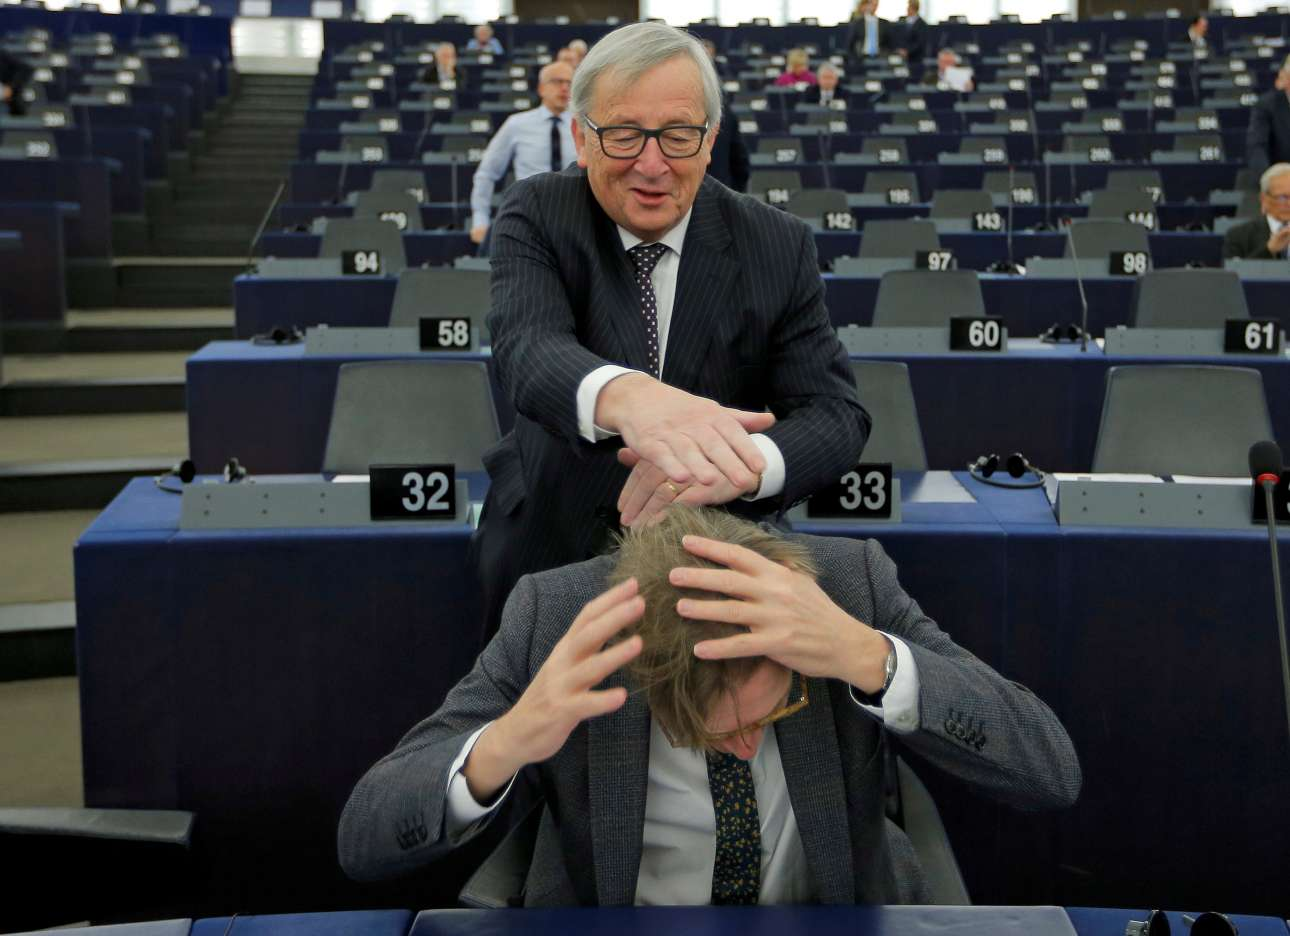 6 Φεβρουαρίου. Ο πρόεδρος της Ευρωπαϊκής Επιτροπής Ζαν-Κλοντ Γιούνκερ αστειεύεται με τον επικεφαλής διαπραγματευτή του Ευρωπαϊκού Κοινοβουλίου για το Brexit Γκι Φέρχοφσταντ, στο Ευρωπαϊκό Κοινοβούλιο στο Στρασβούργο